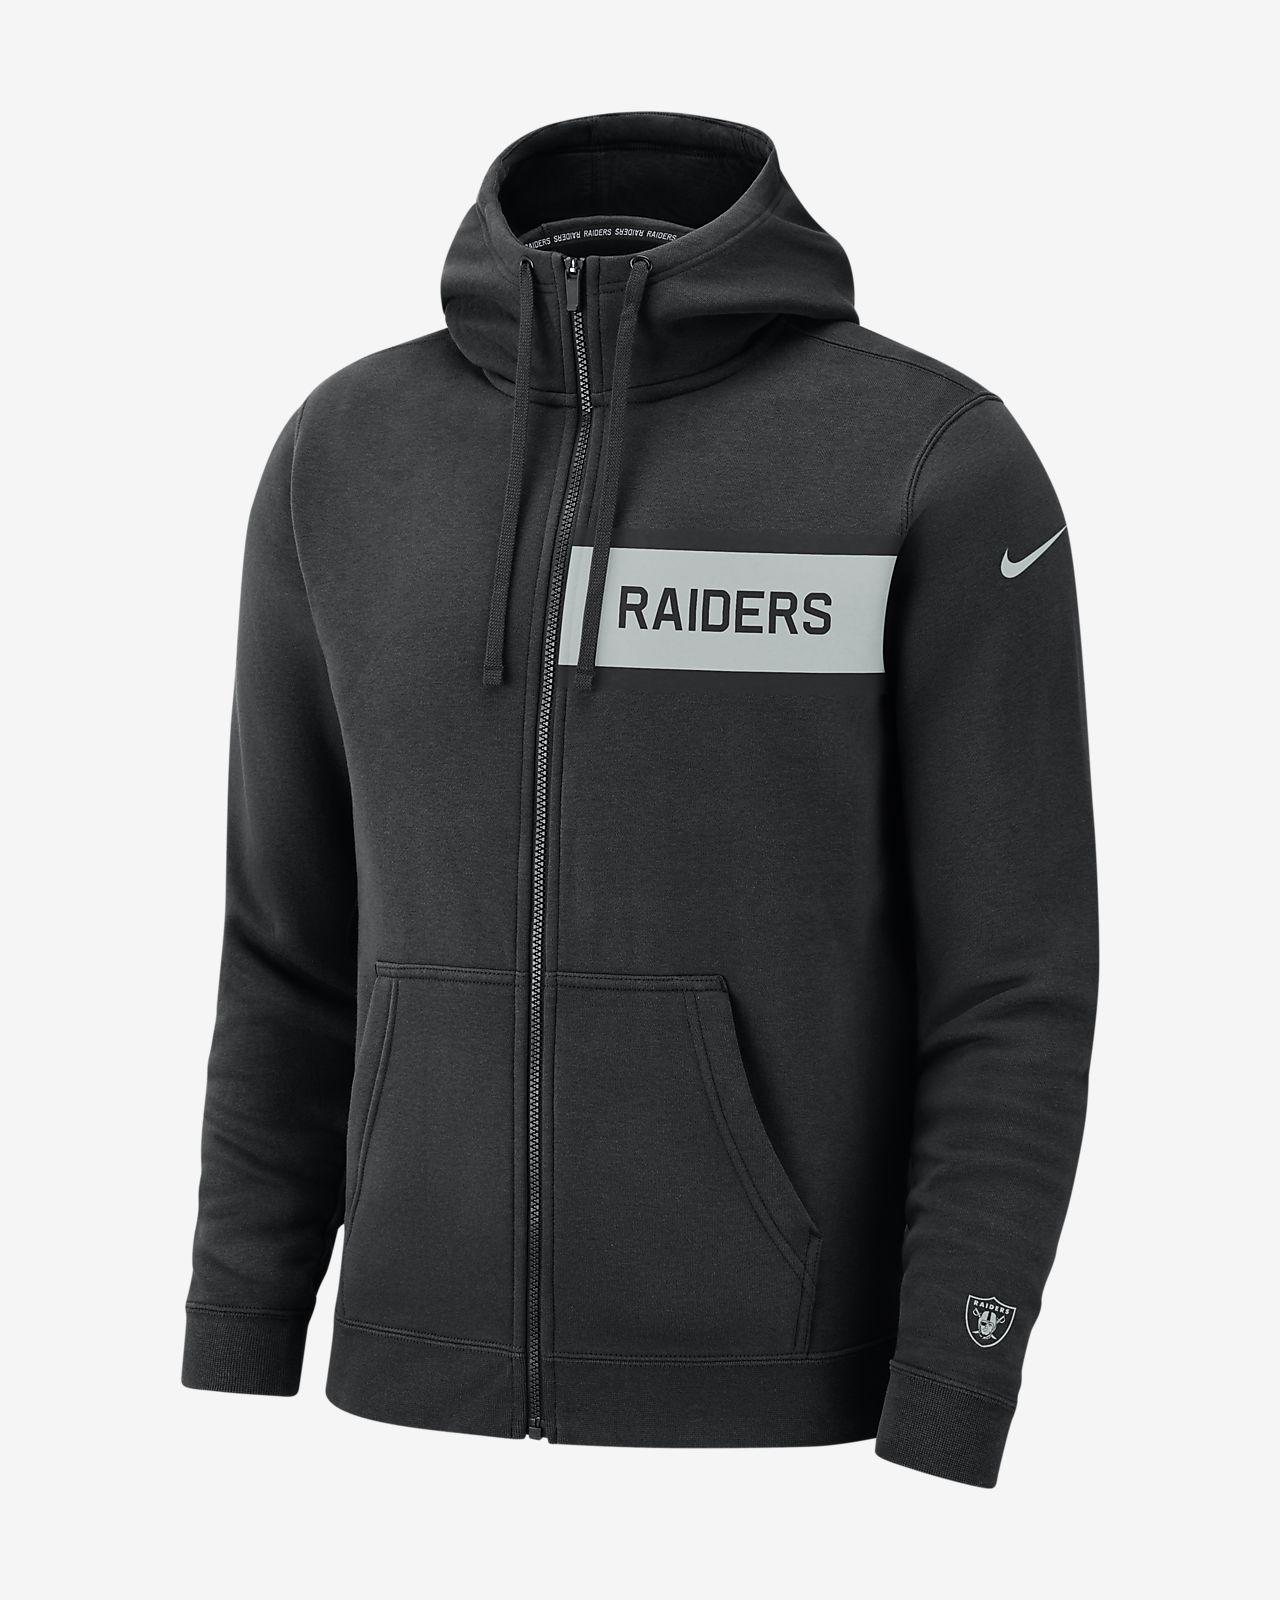 Sweat à capuche en tissu Fleece entièrement zippé Club Nike (NFL Raiders) pour Homme